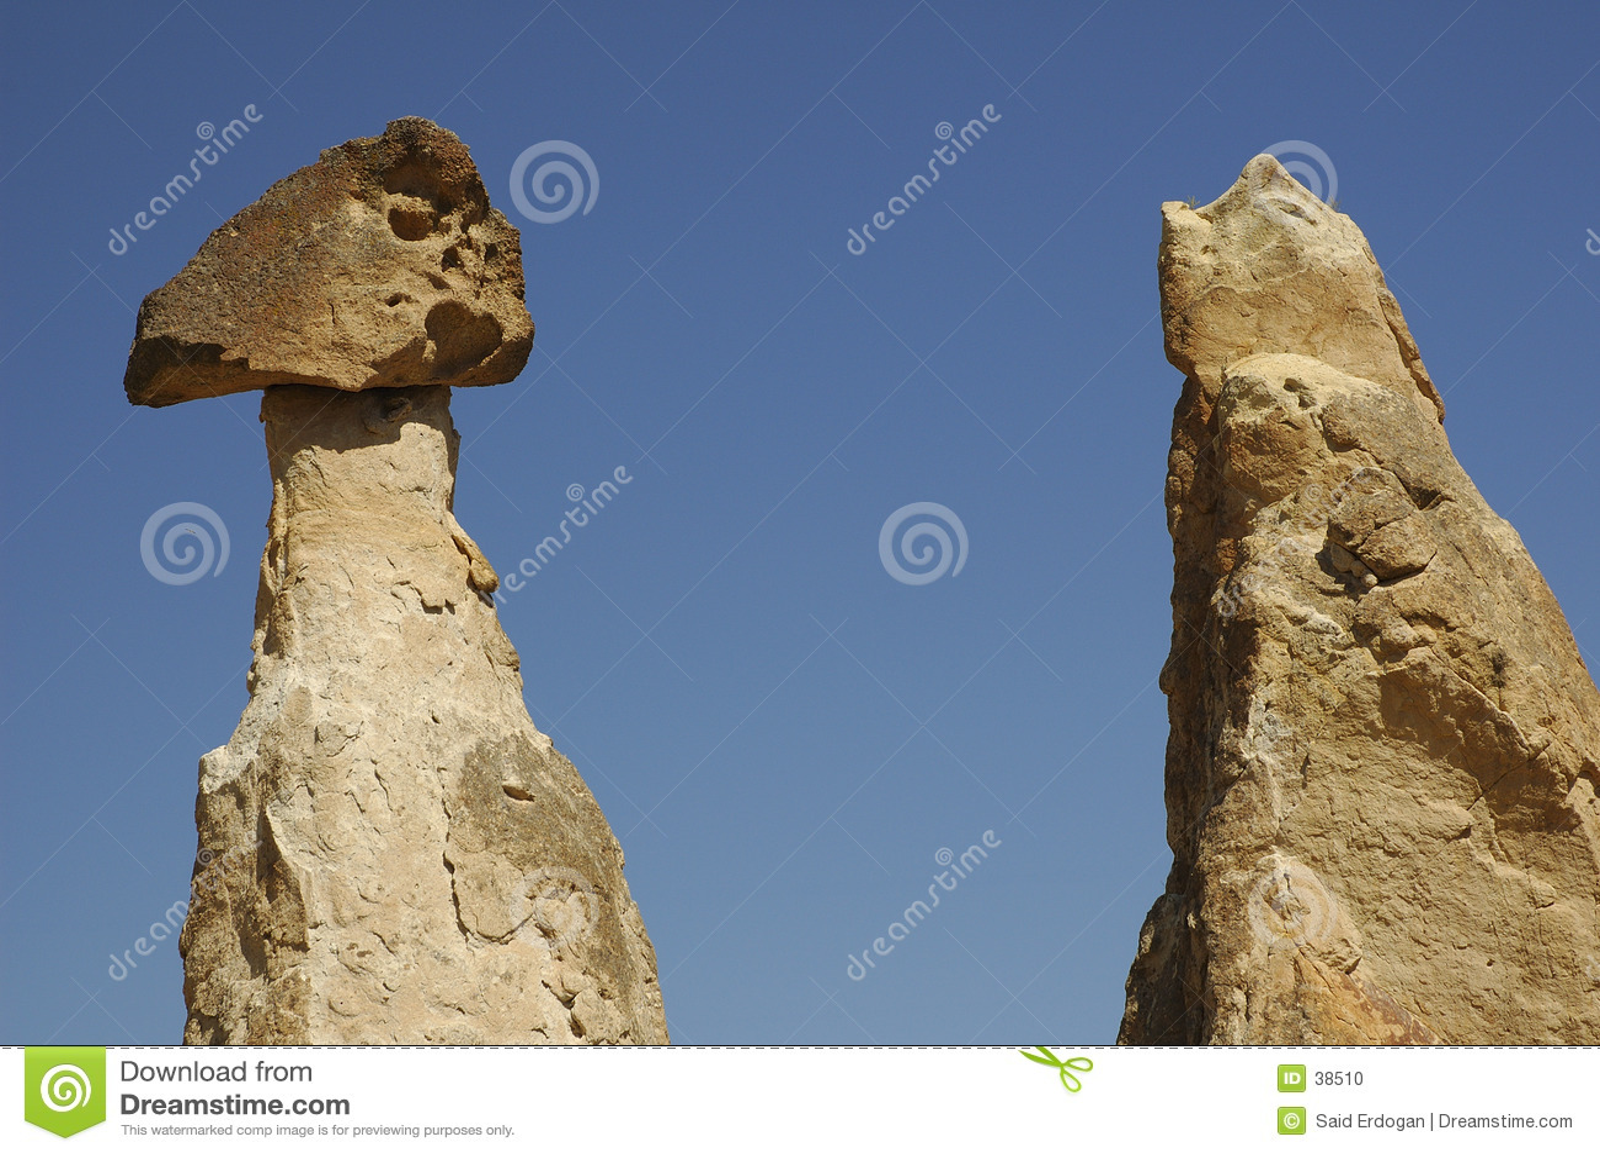 Columns at Cappadocia